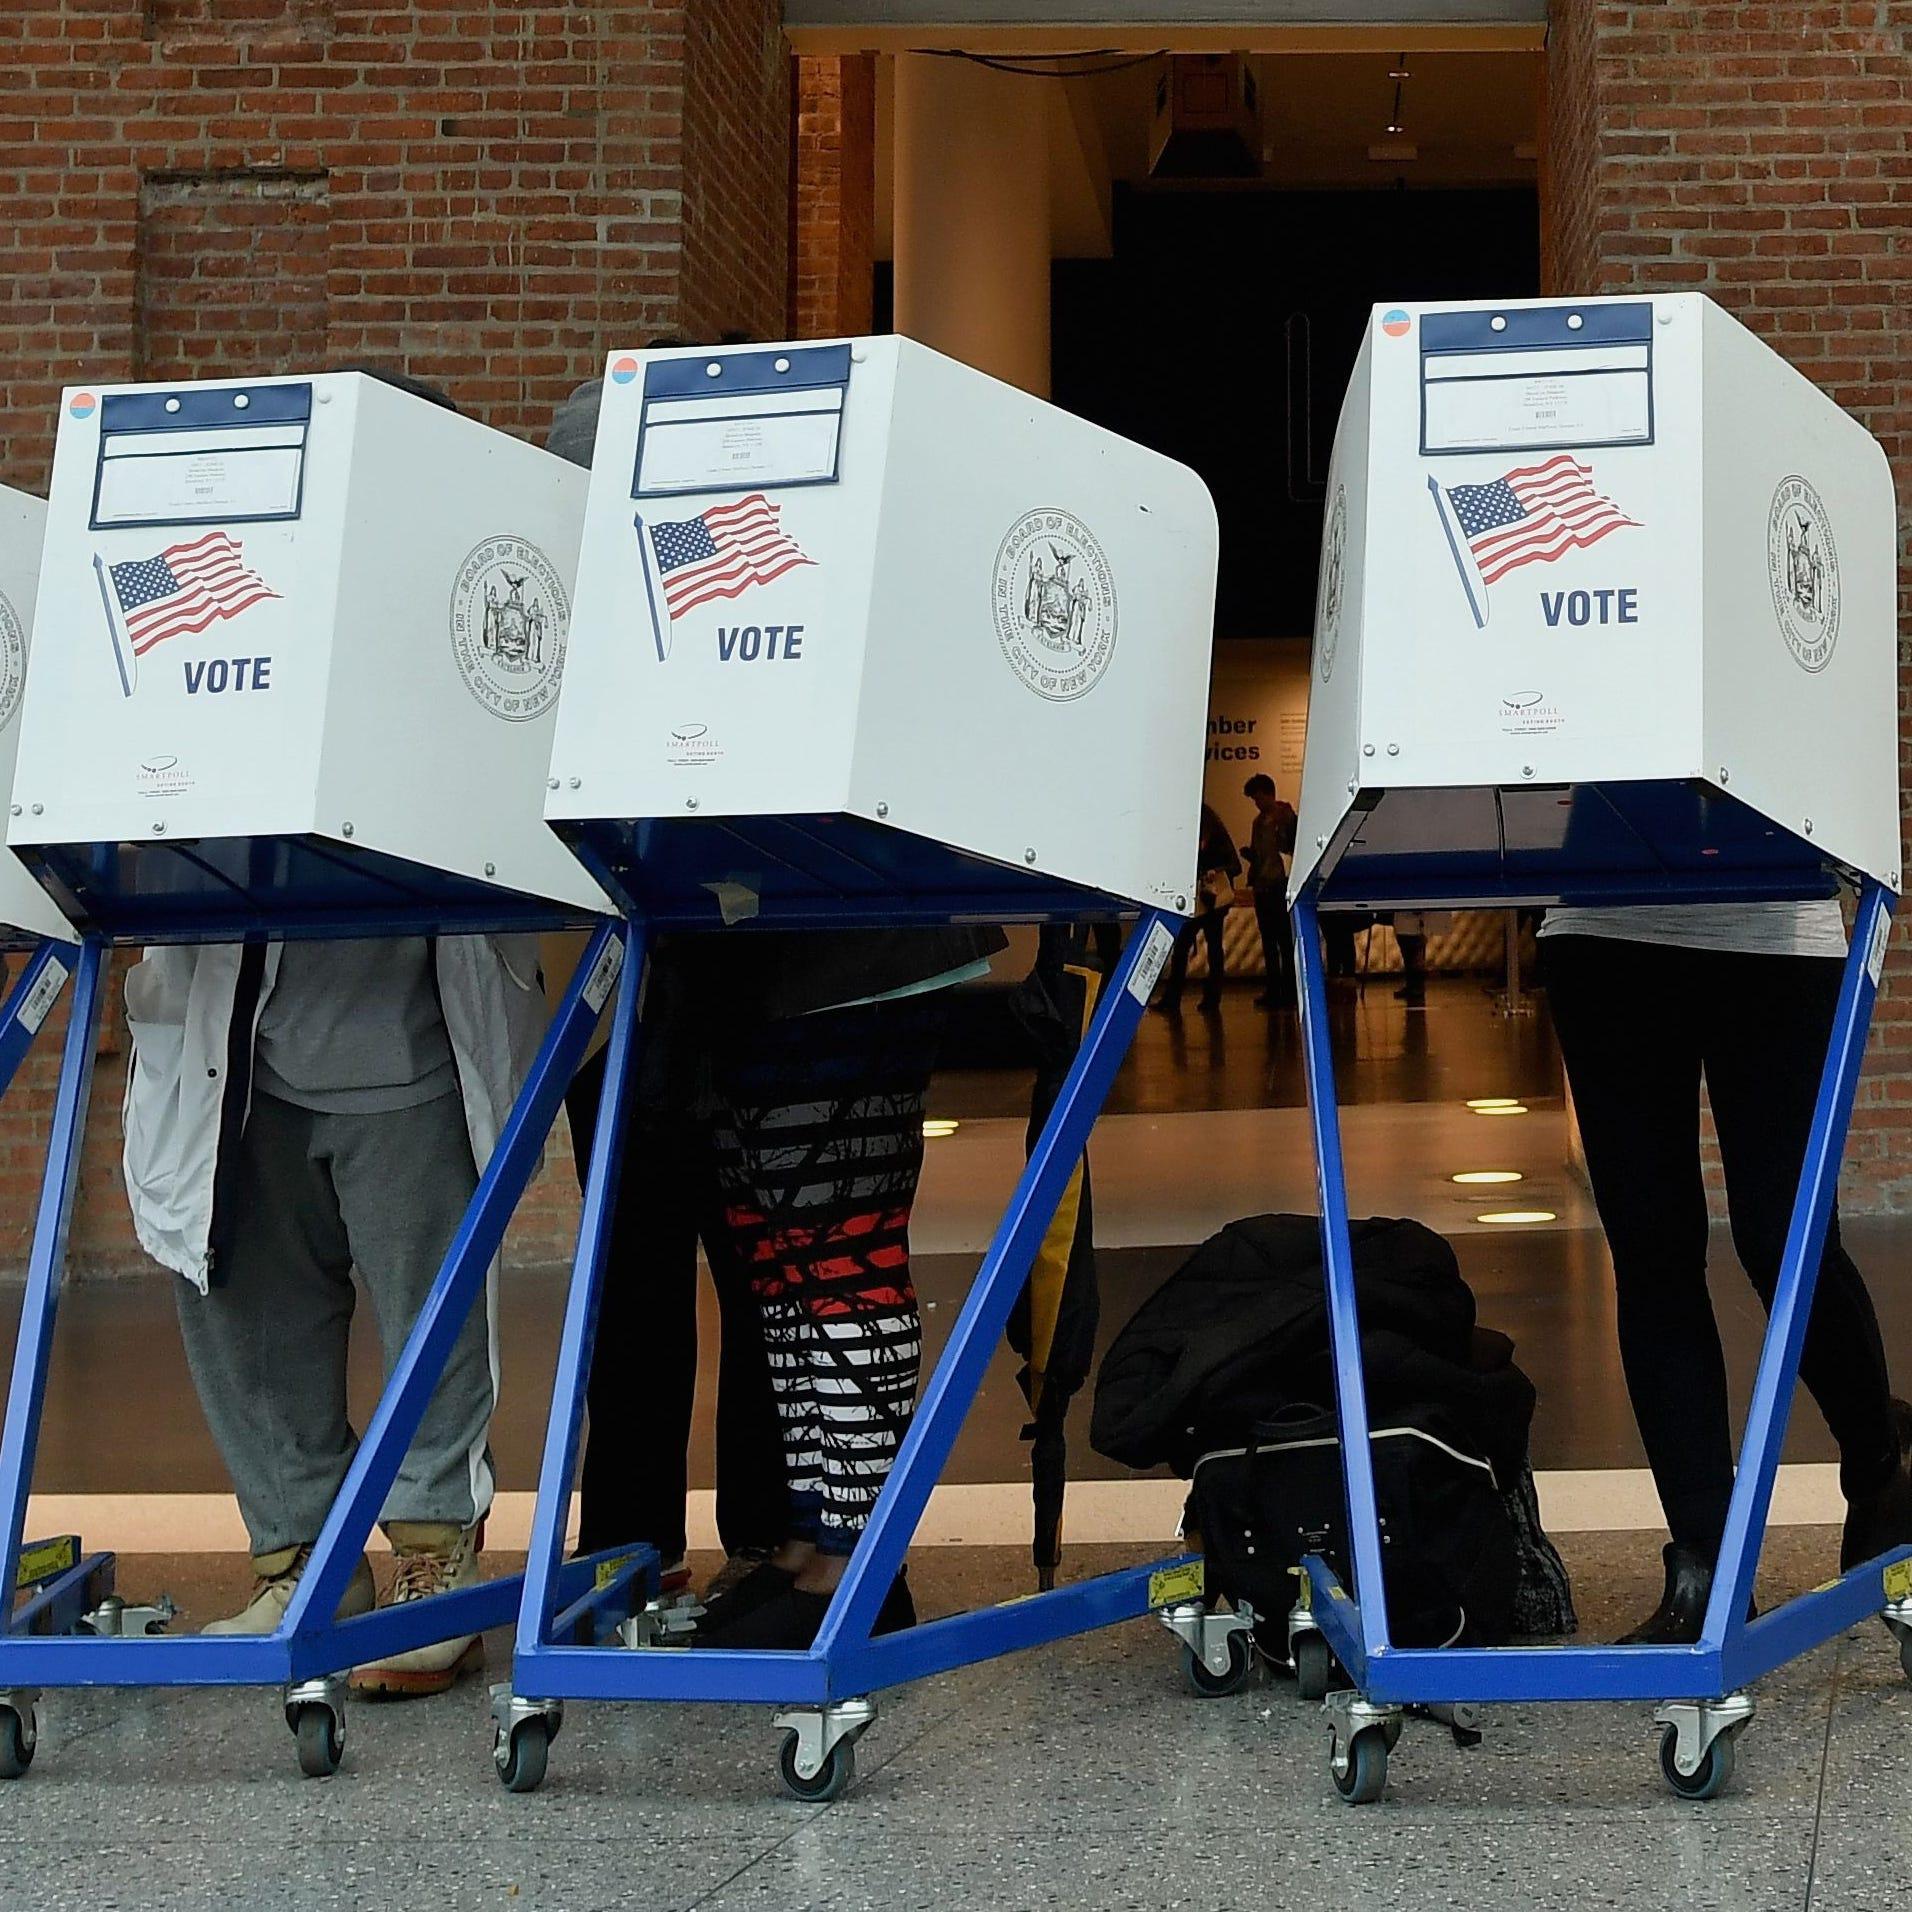 Elecciones en Arizona ¿Dónde me toca votar?